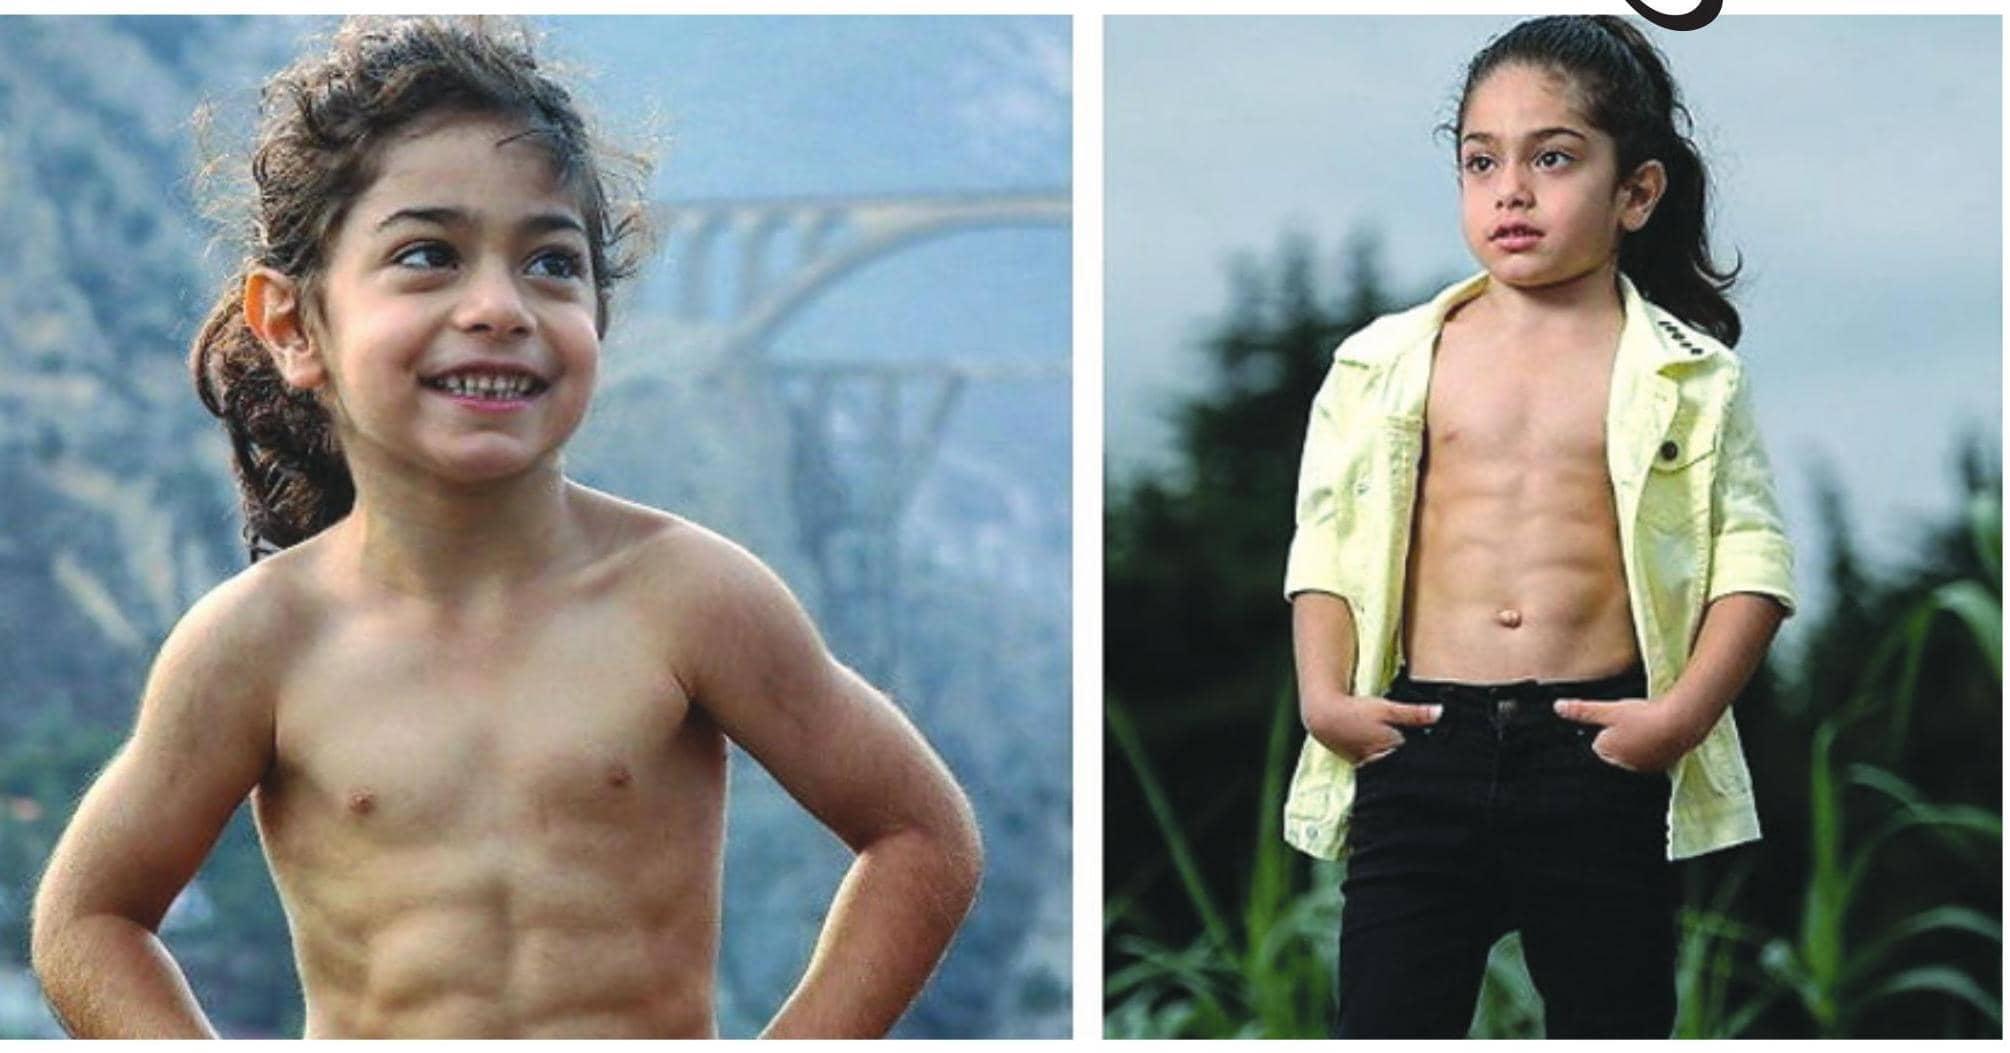 છ વર્ષની ઉંમરમાં સિક્સ પેક એબ બનાવનાર ઈરાનના આરતને હવે મેસીની જેમ રમવું છે